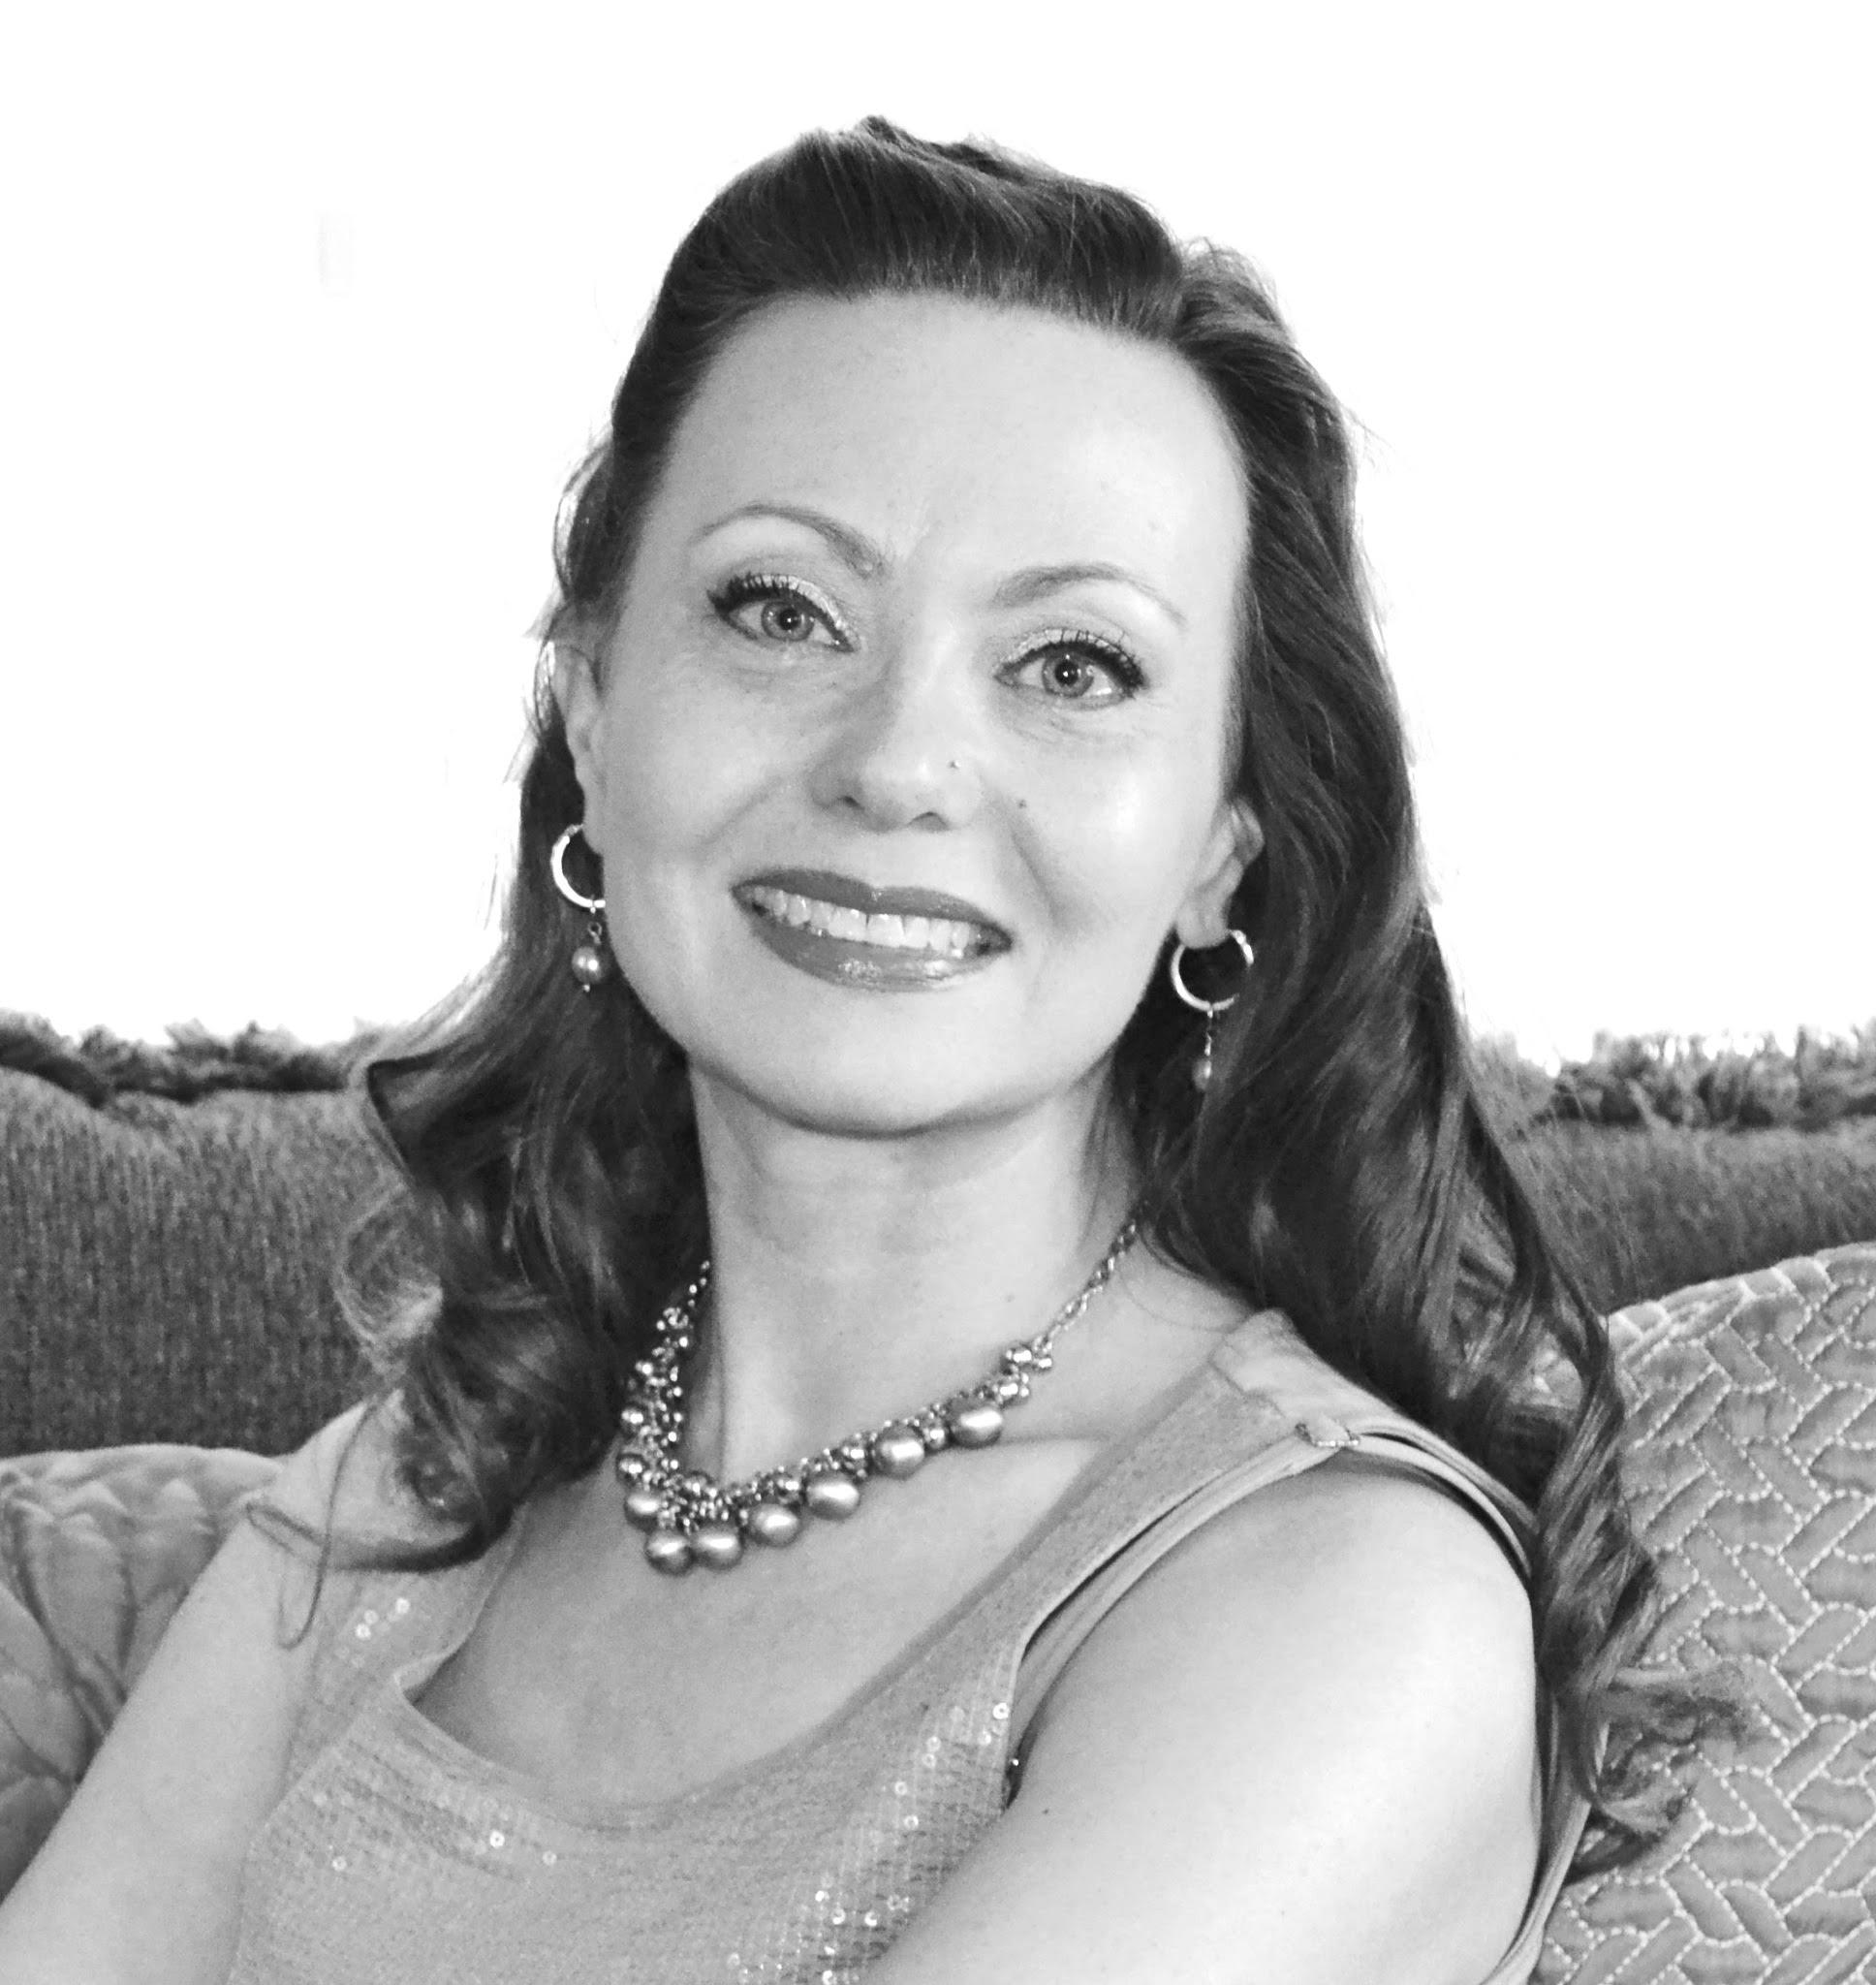 Erica Illanes